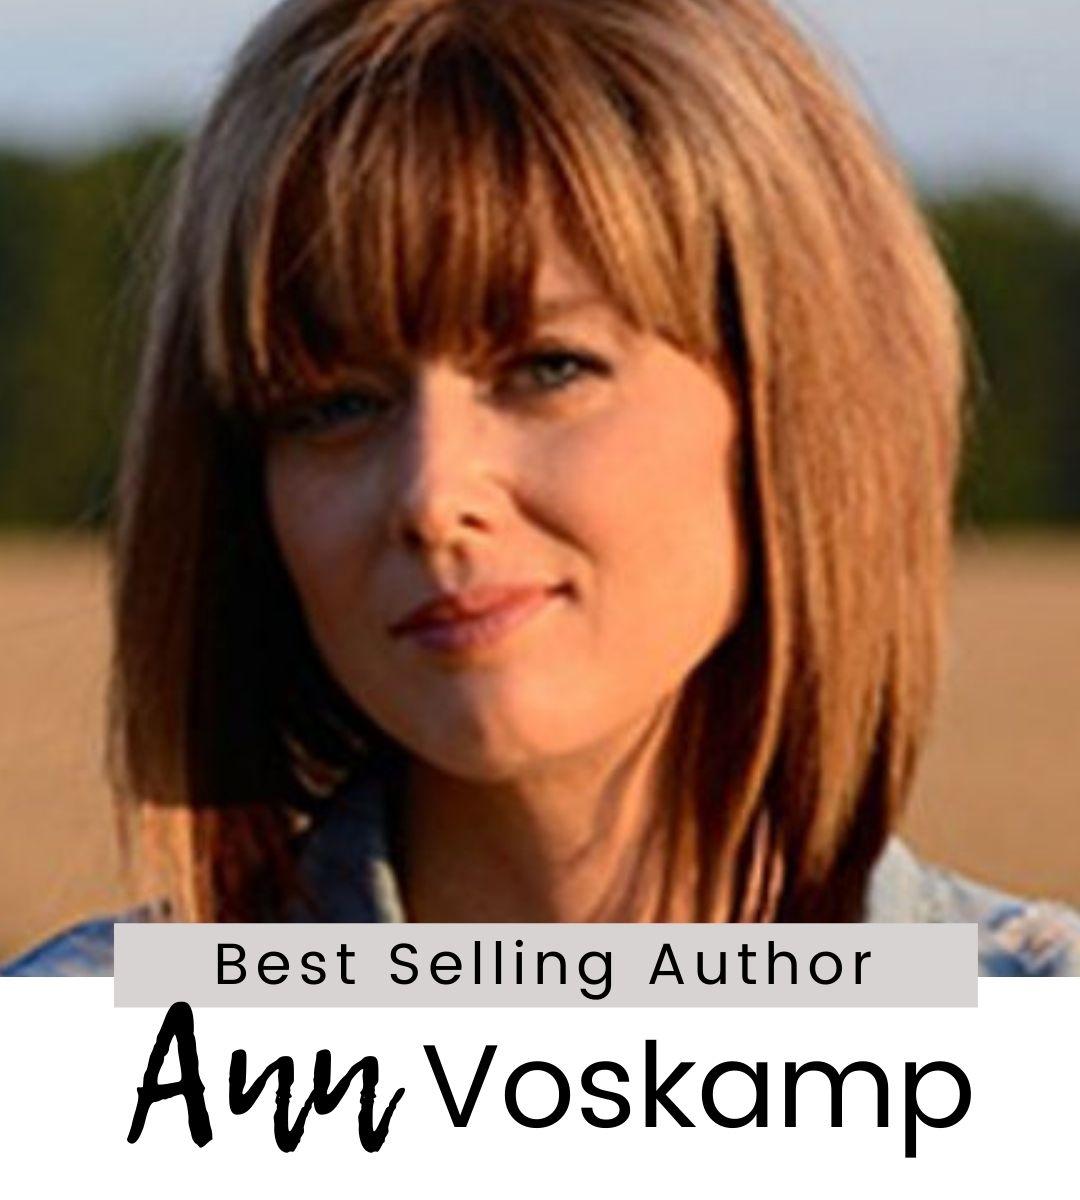 Ann_Voskamp